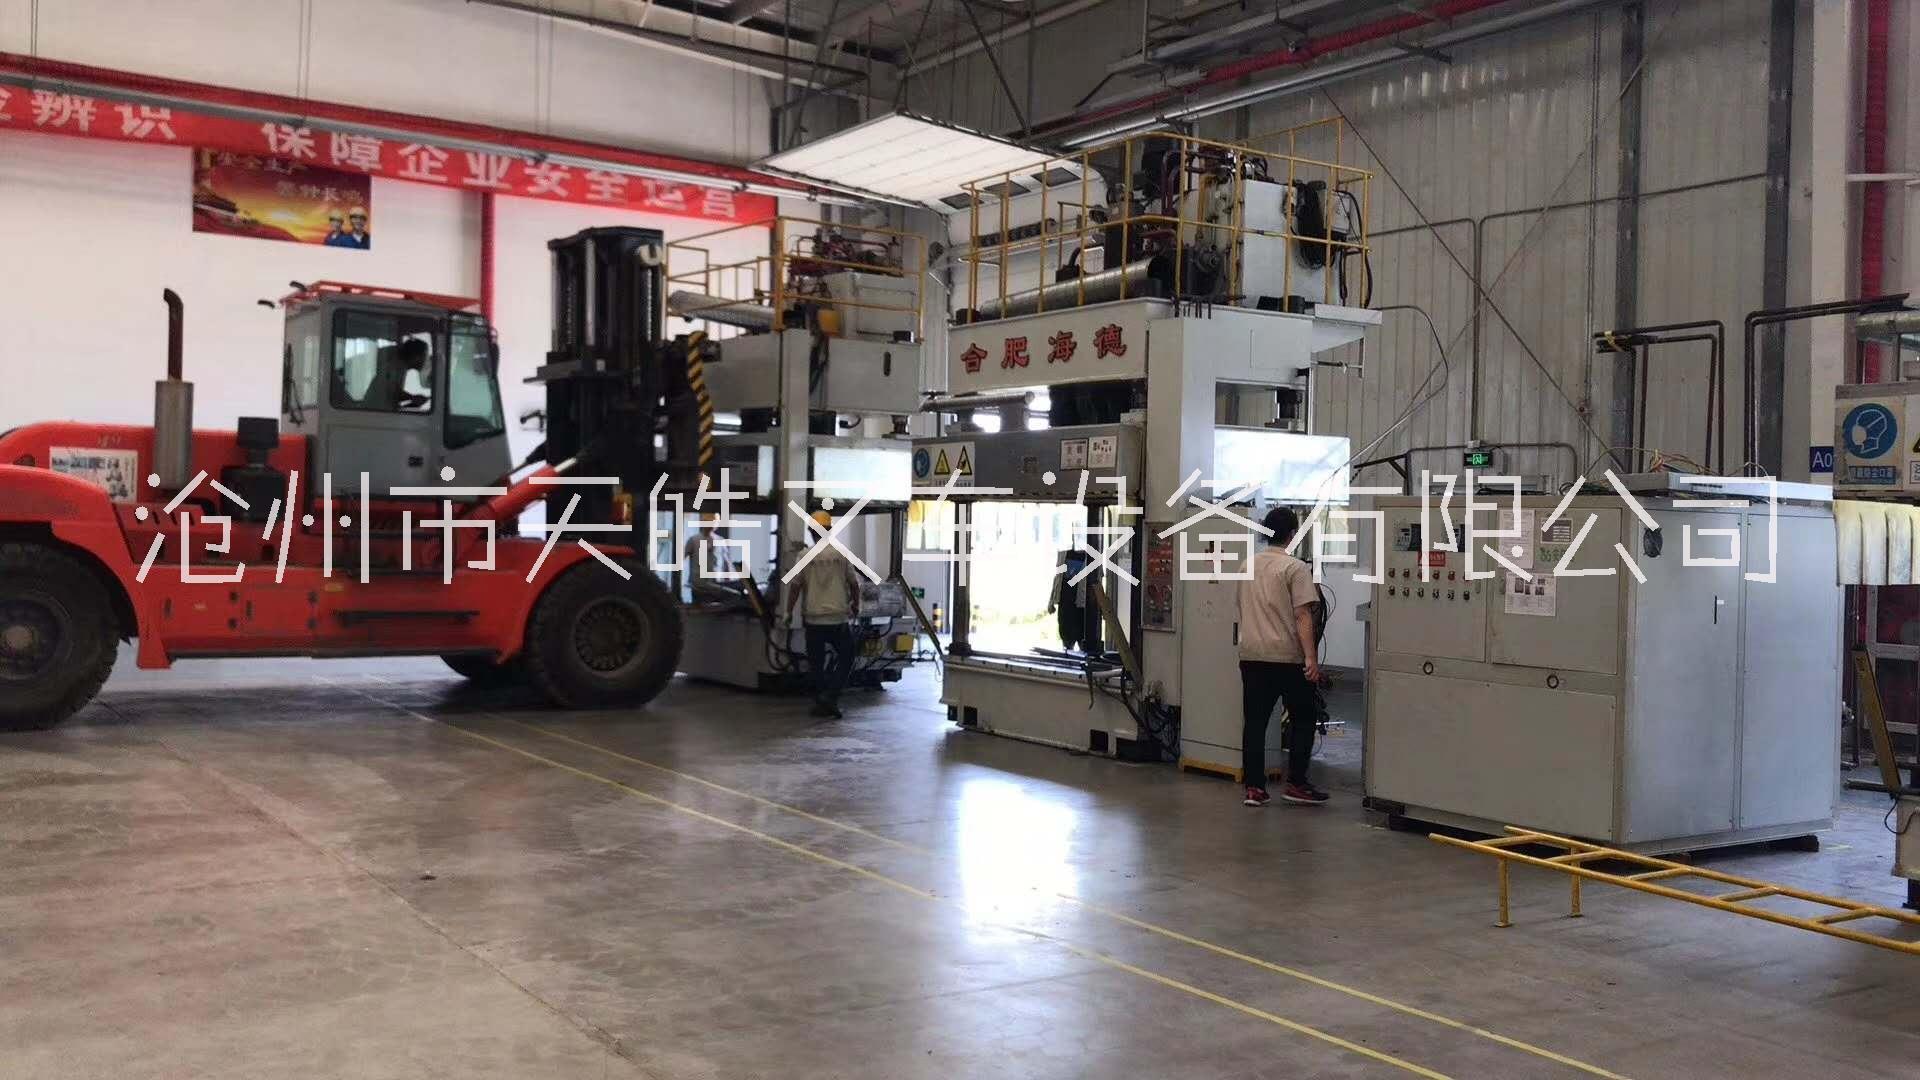 唐山大型设备搬运电话-唐山大型设备搬运公司-唐山市设备搬运公司-唐山市设备搬运电话-唐山市大型设备搬运公司